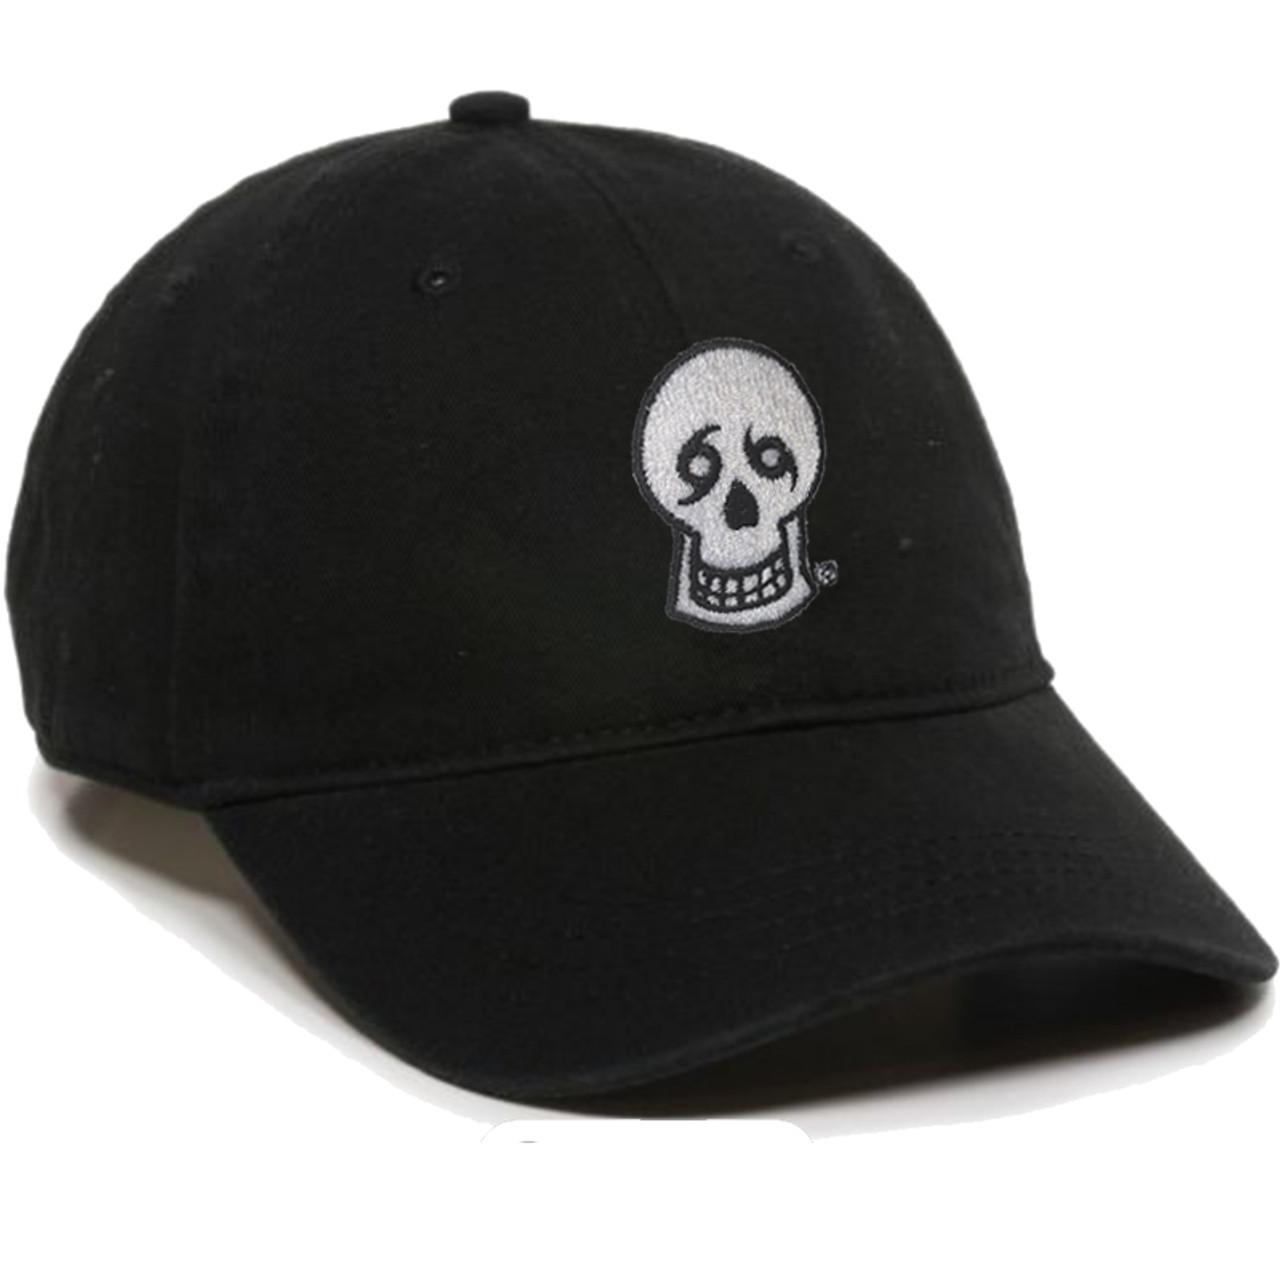 ecaaf6231a602c Skull Dad Hat (black) - NOLA Til Ya Die